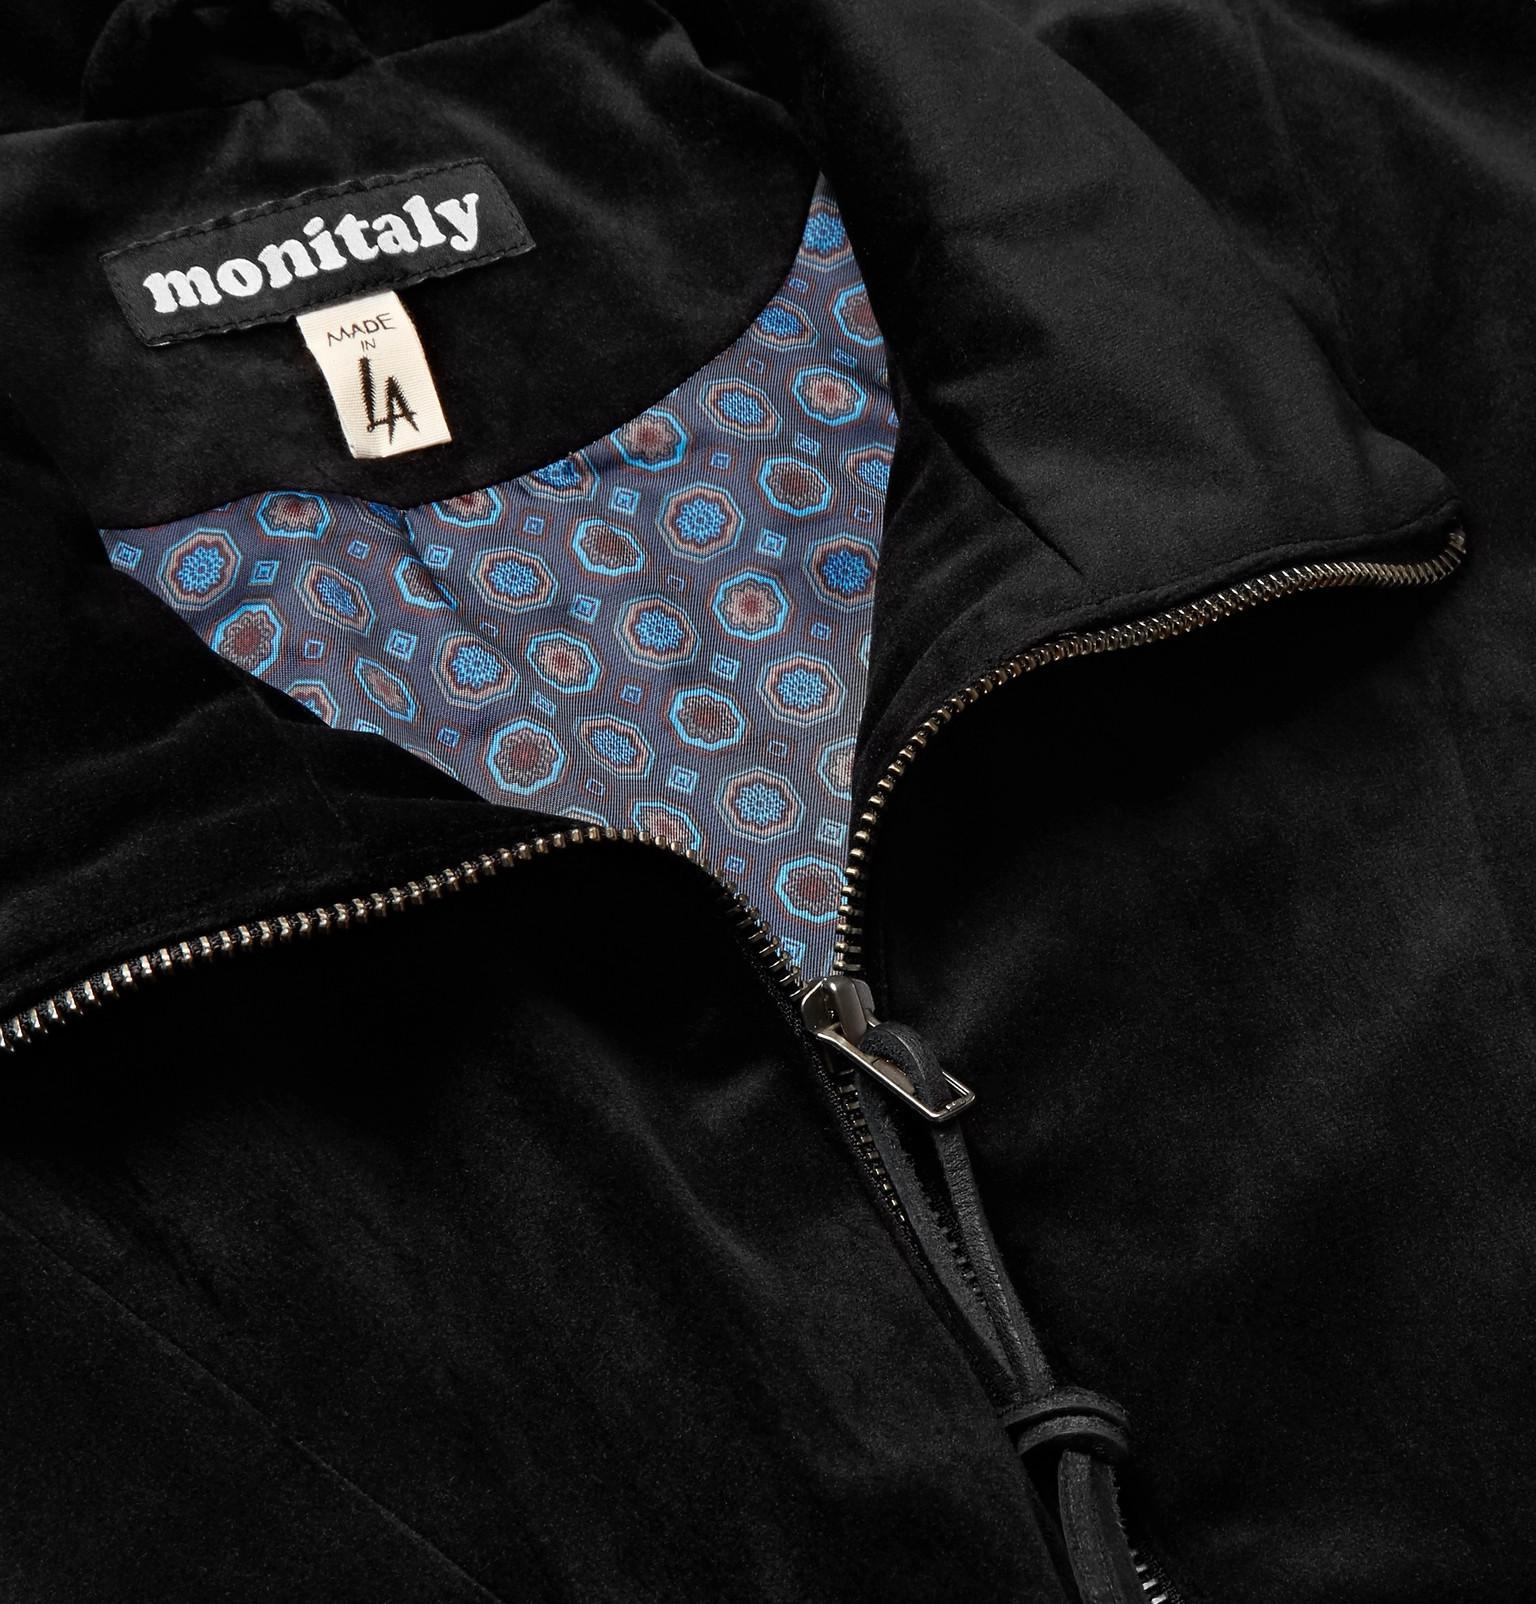 Men Velvet Blouson Dog Monitaly For Jacket Black In Lyst Old q4Bw8